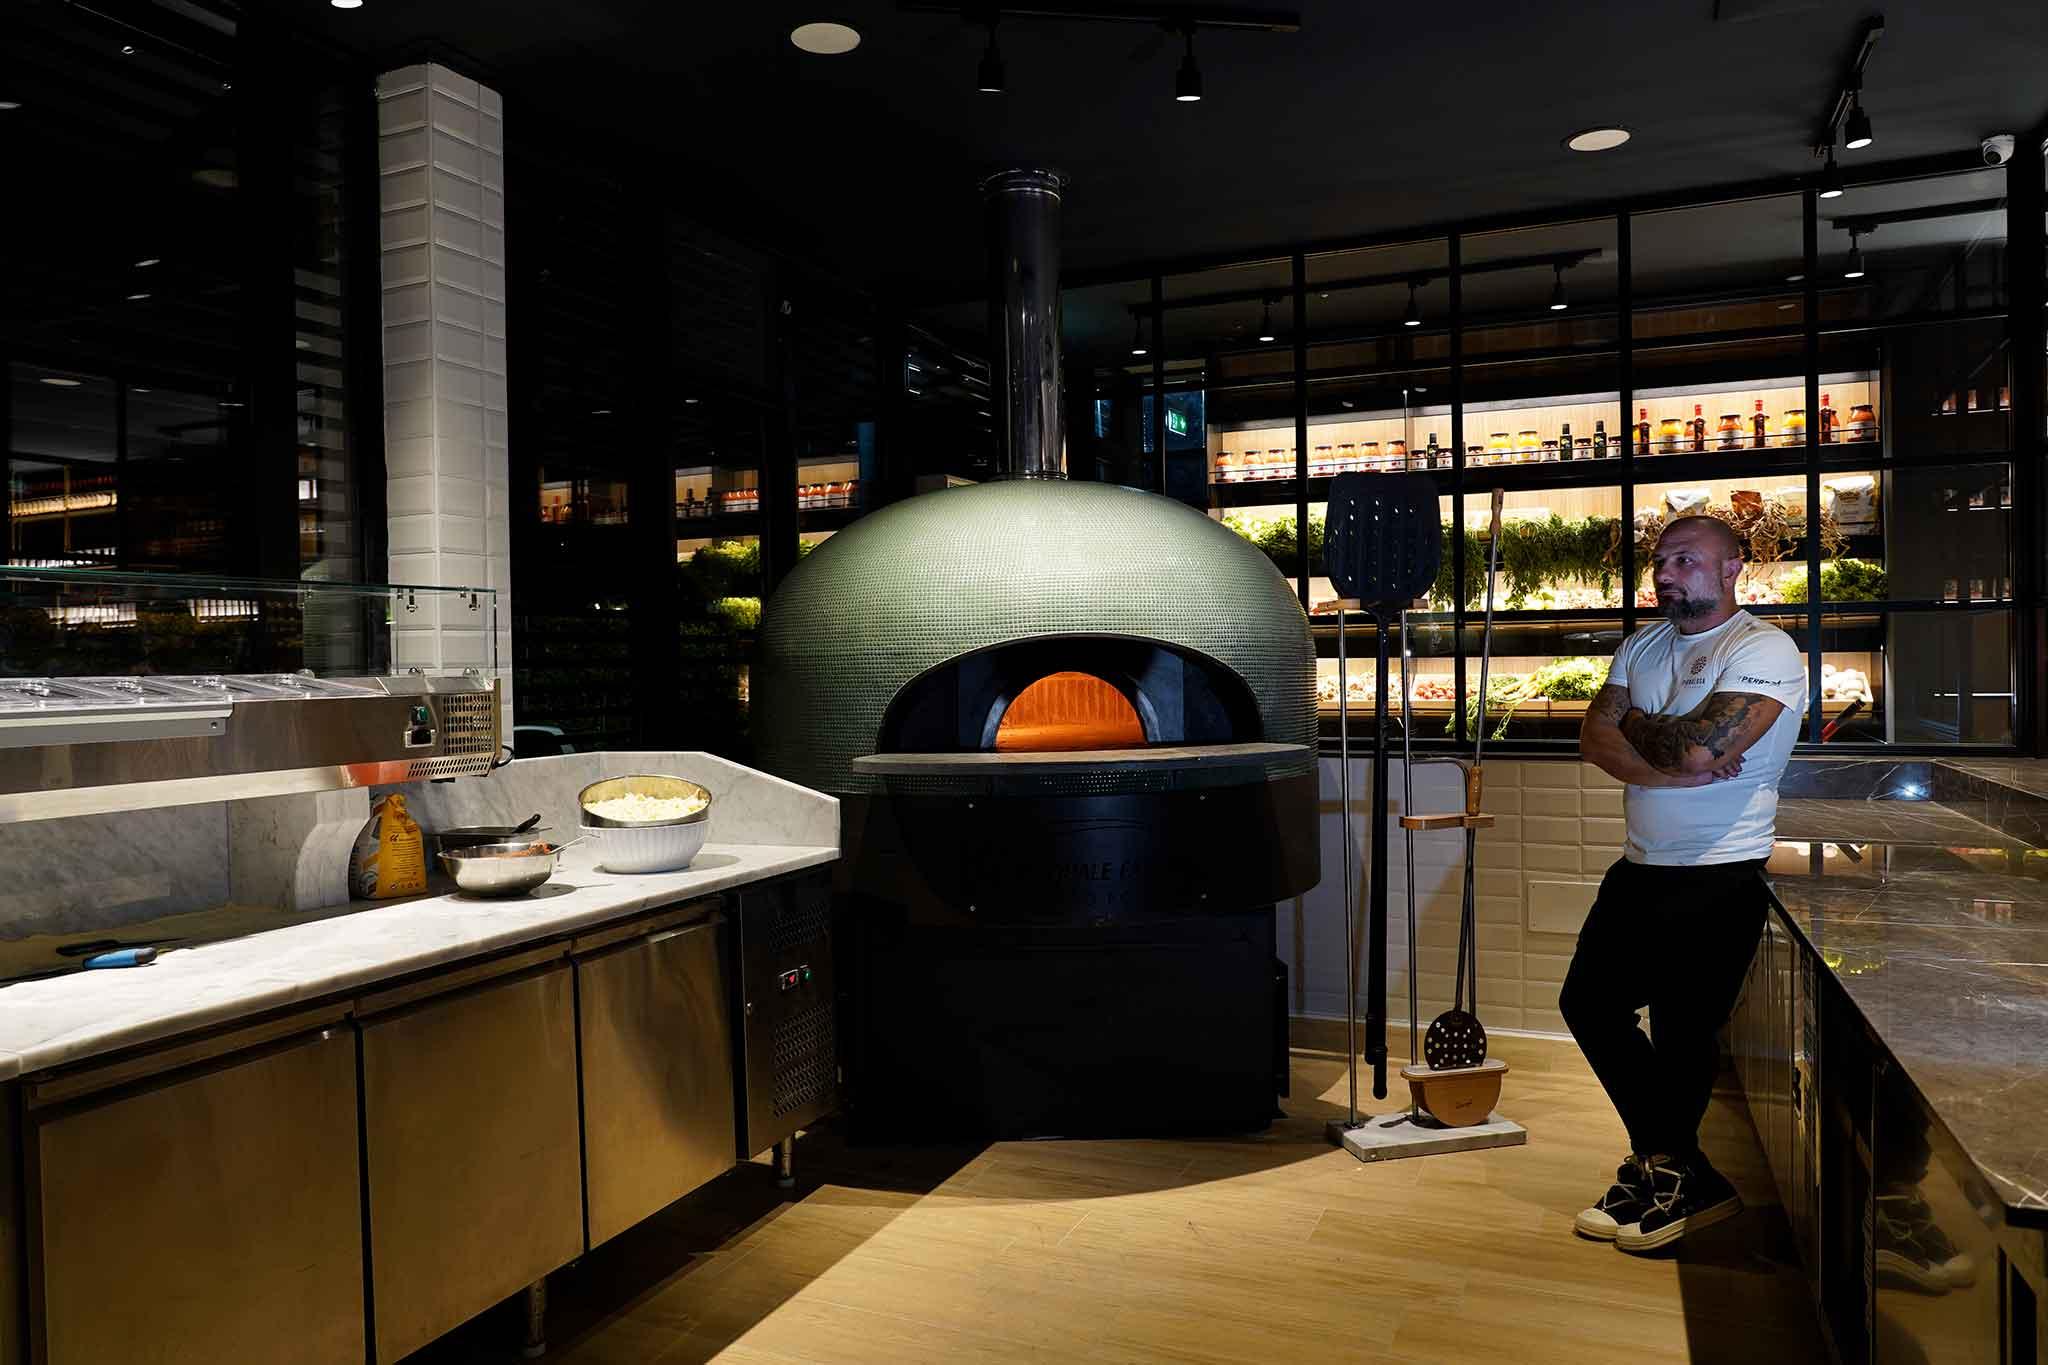 pizzeria Le Parule Ercolano Giuseppe Pignalosa forno per pizza a legna e orto